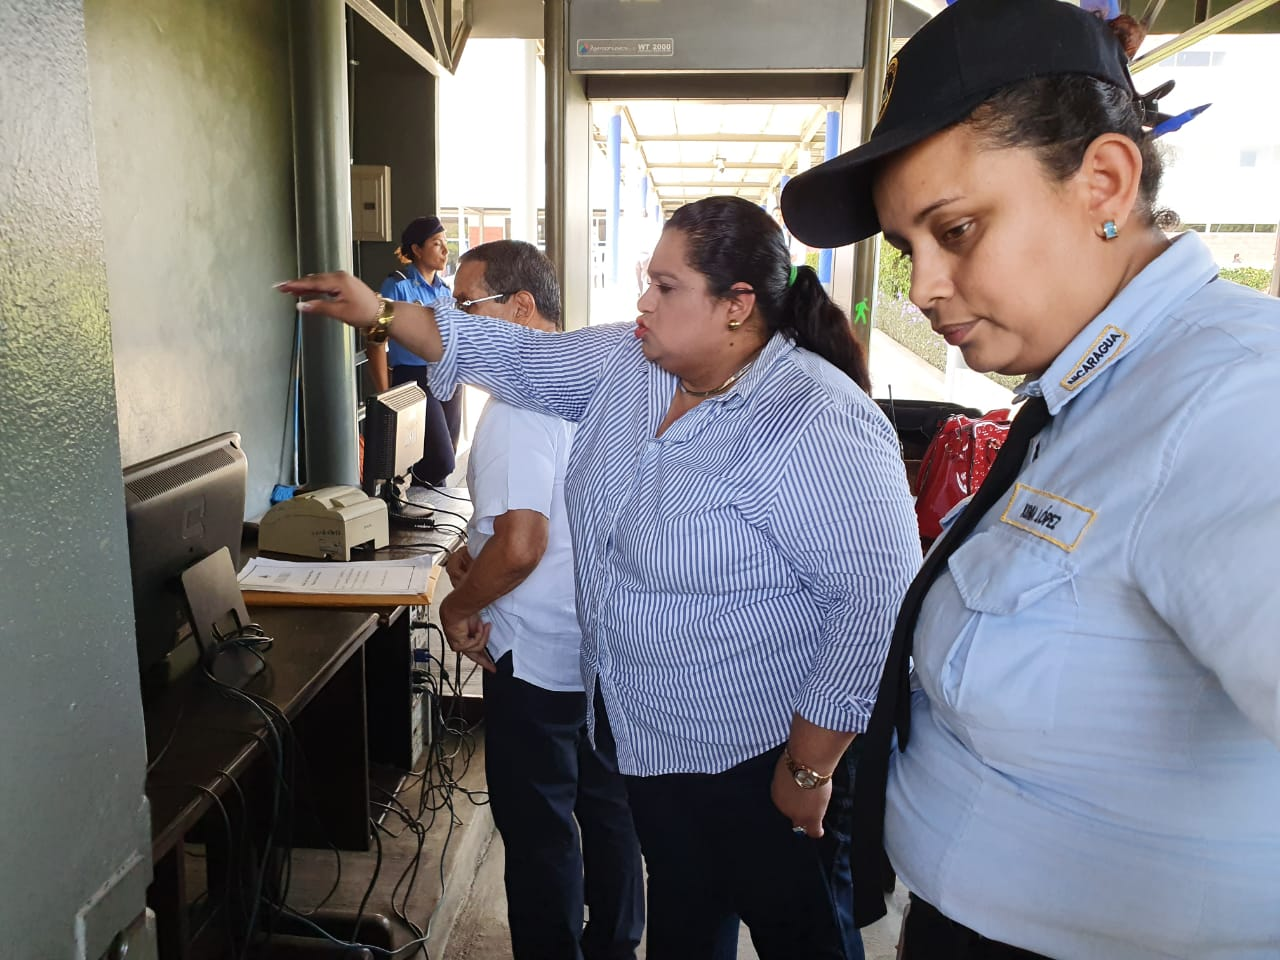 Inicia audiencia preliminar contra exre opolítico Francisco Hernández, acusado de violencia intrafamiliar